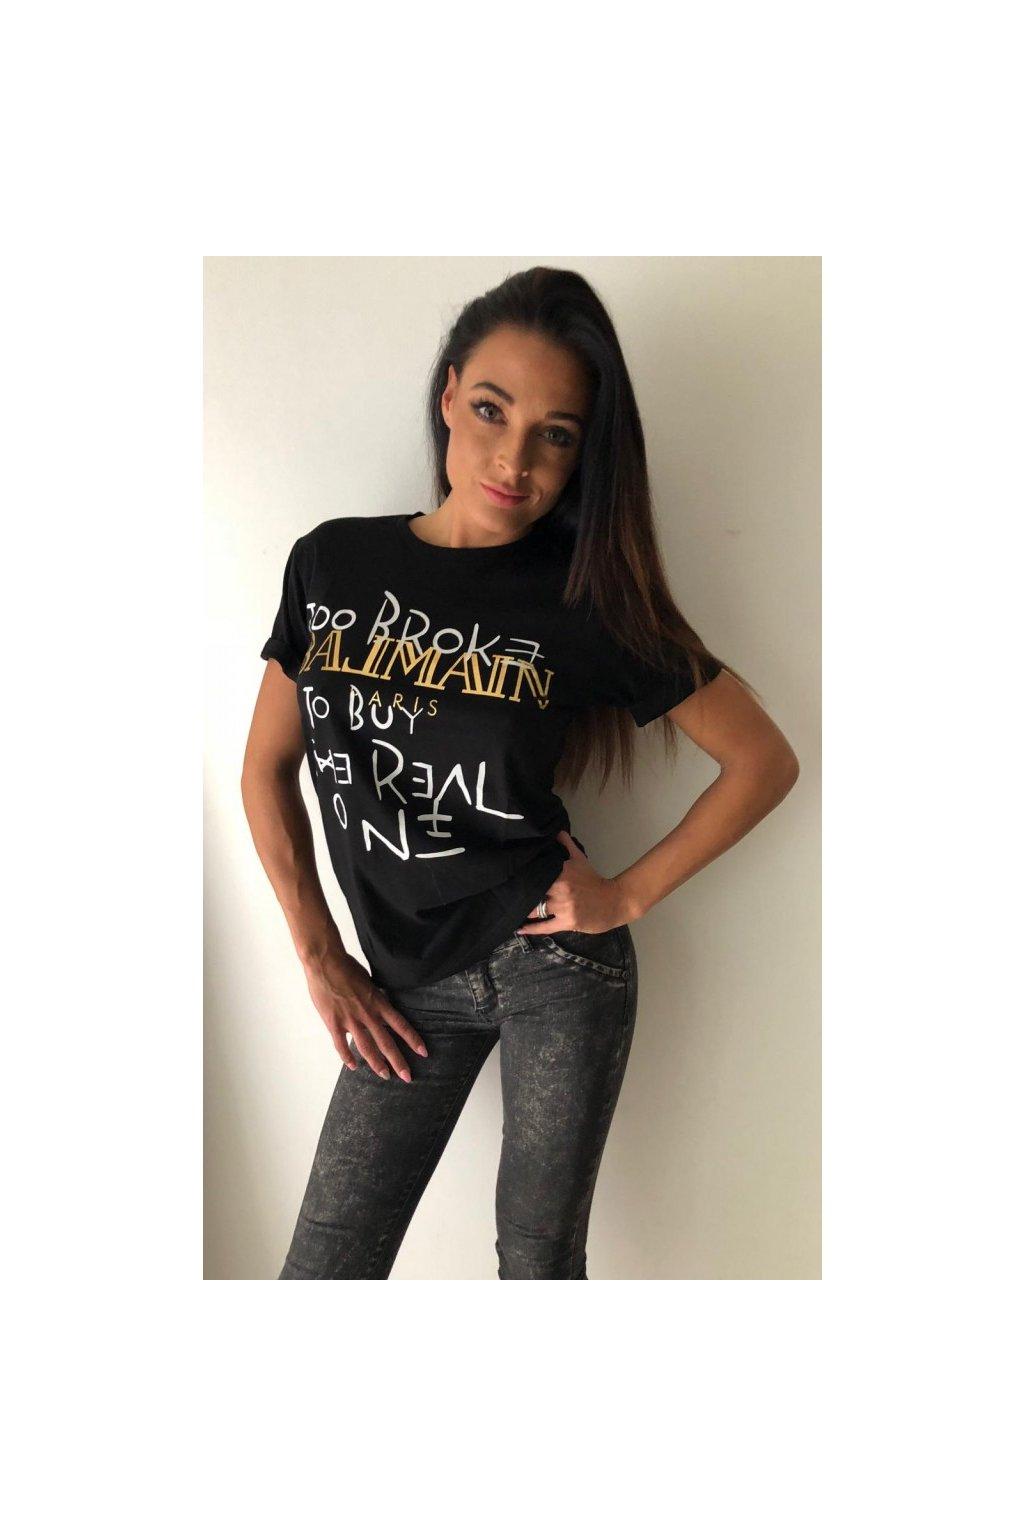 Tričko TooBroke s nápisem Balmain - černé (Velikost Velikost M)